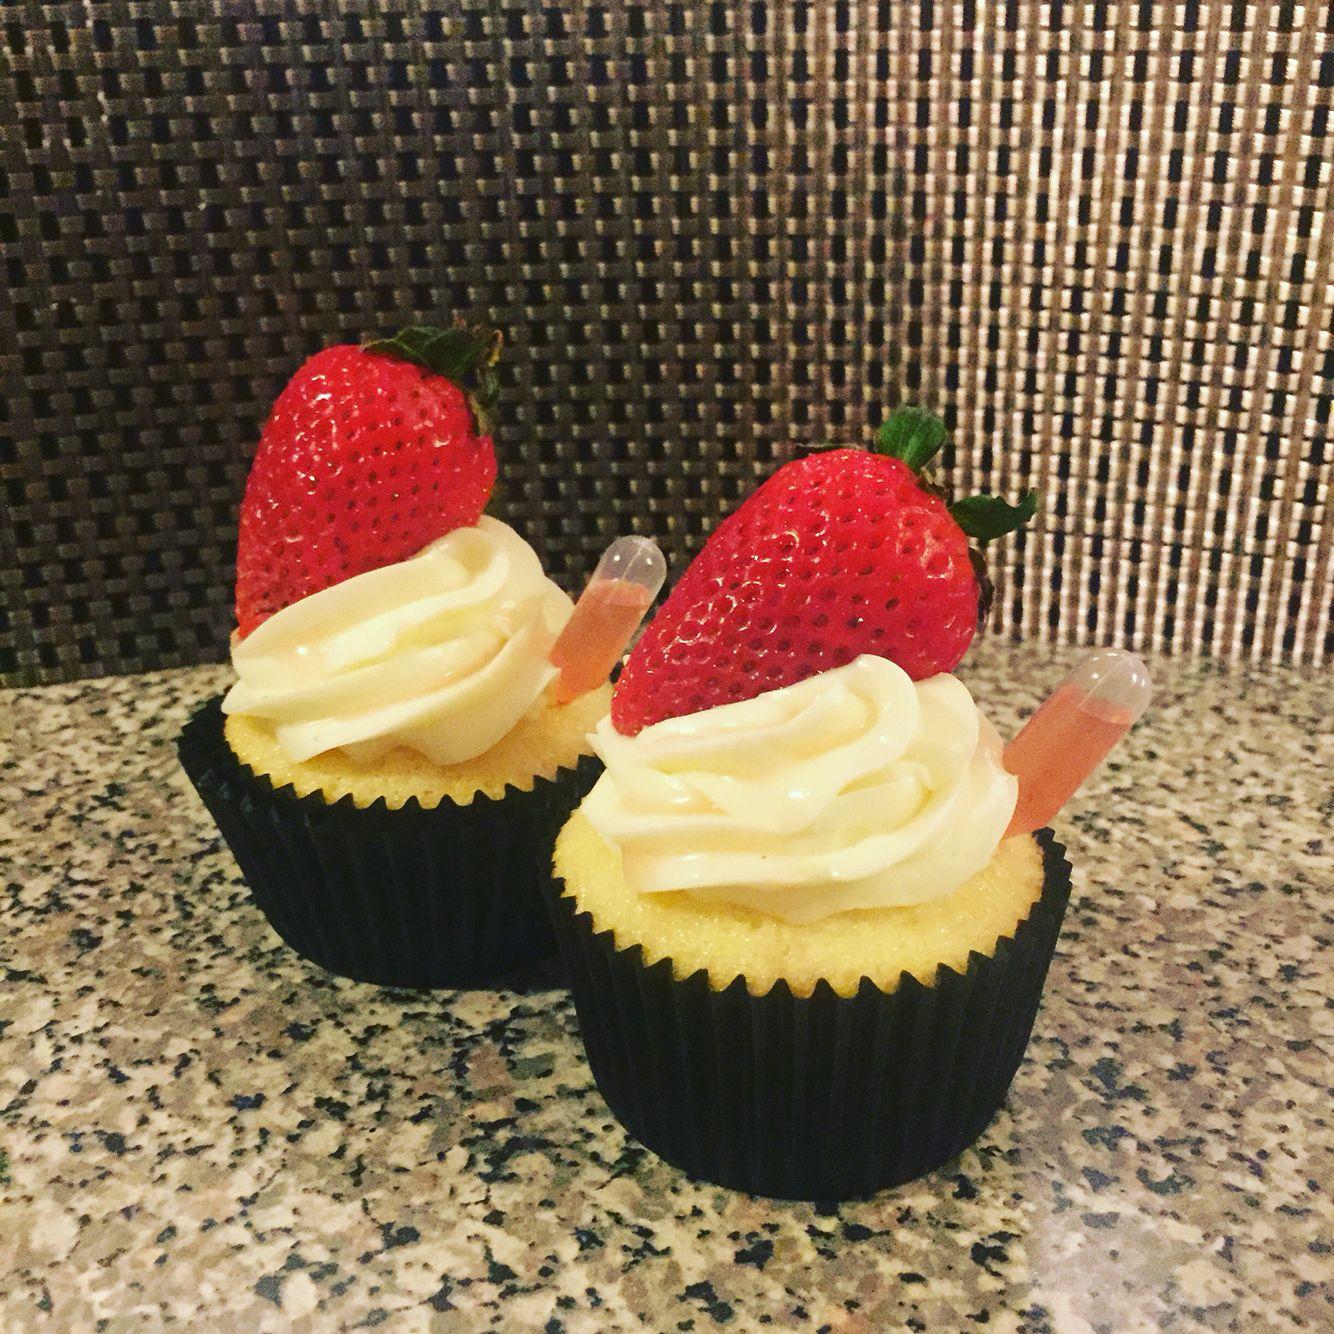 Drunken Strawberry Shortcake Cupcakes Drunken Desserts Strawberry Shortcake Cupcake Dessert Recipes